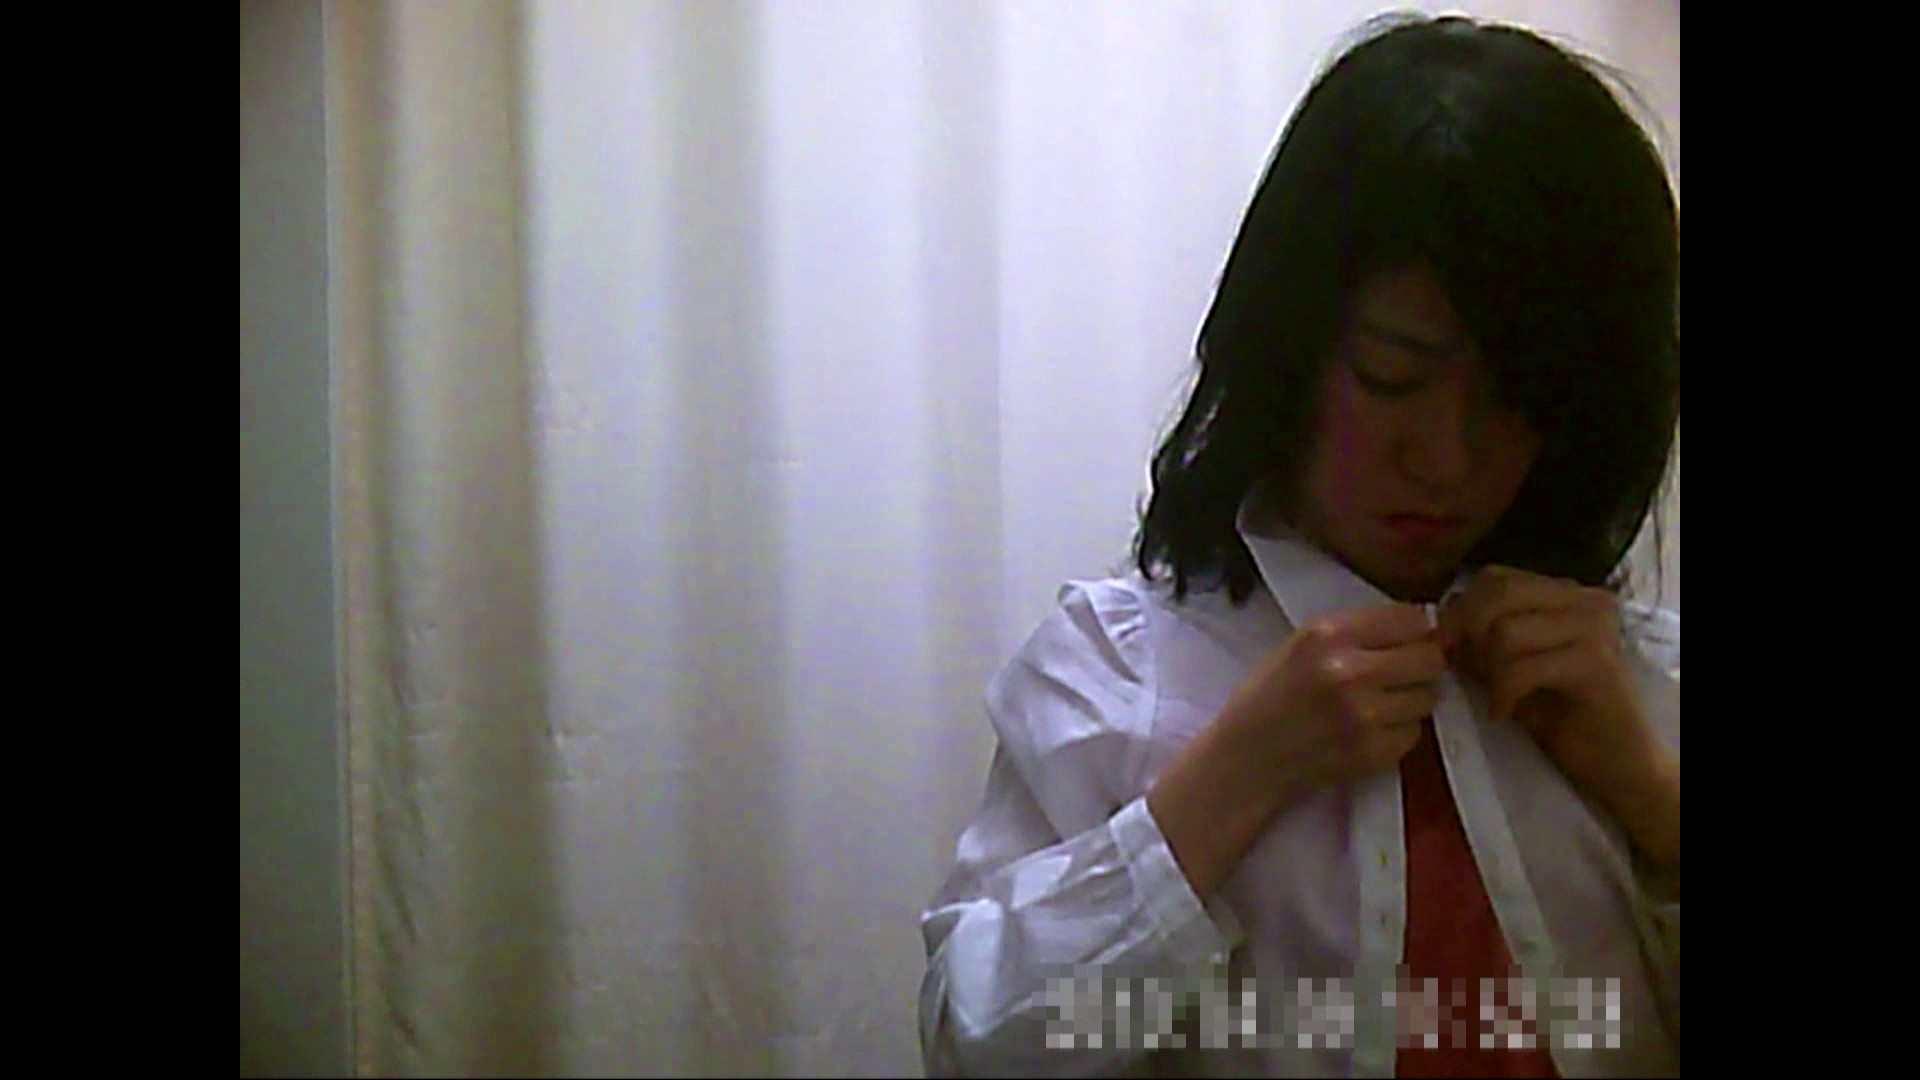 病院おもいっきり着替え! vol.199 貧乳 オメコ動画キャプチャ 96pic 13